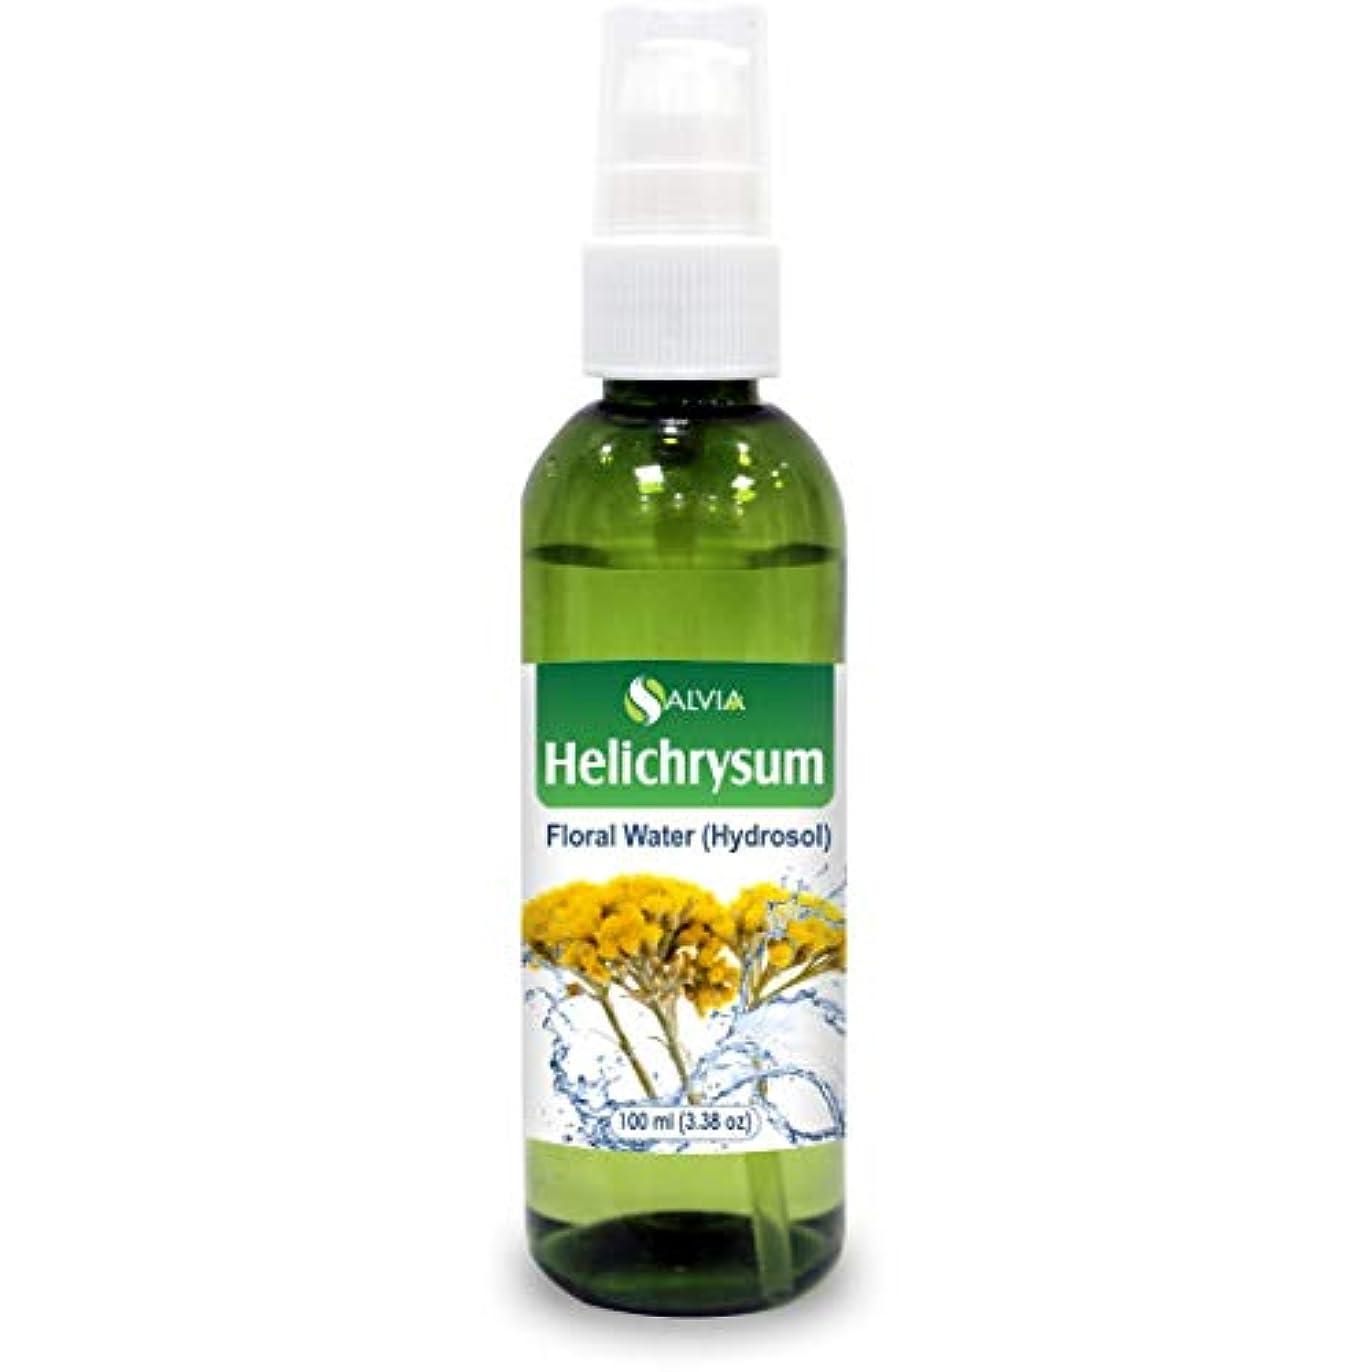 病院王朝いたずらなHelichrysum Floral Water 100ml (Hydrosol) 100% Pure And Natural